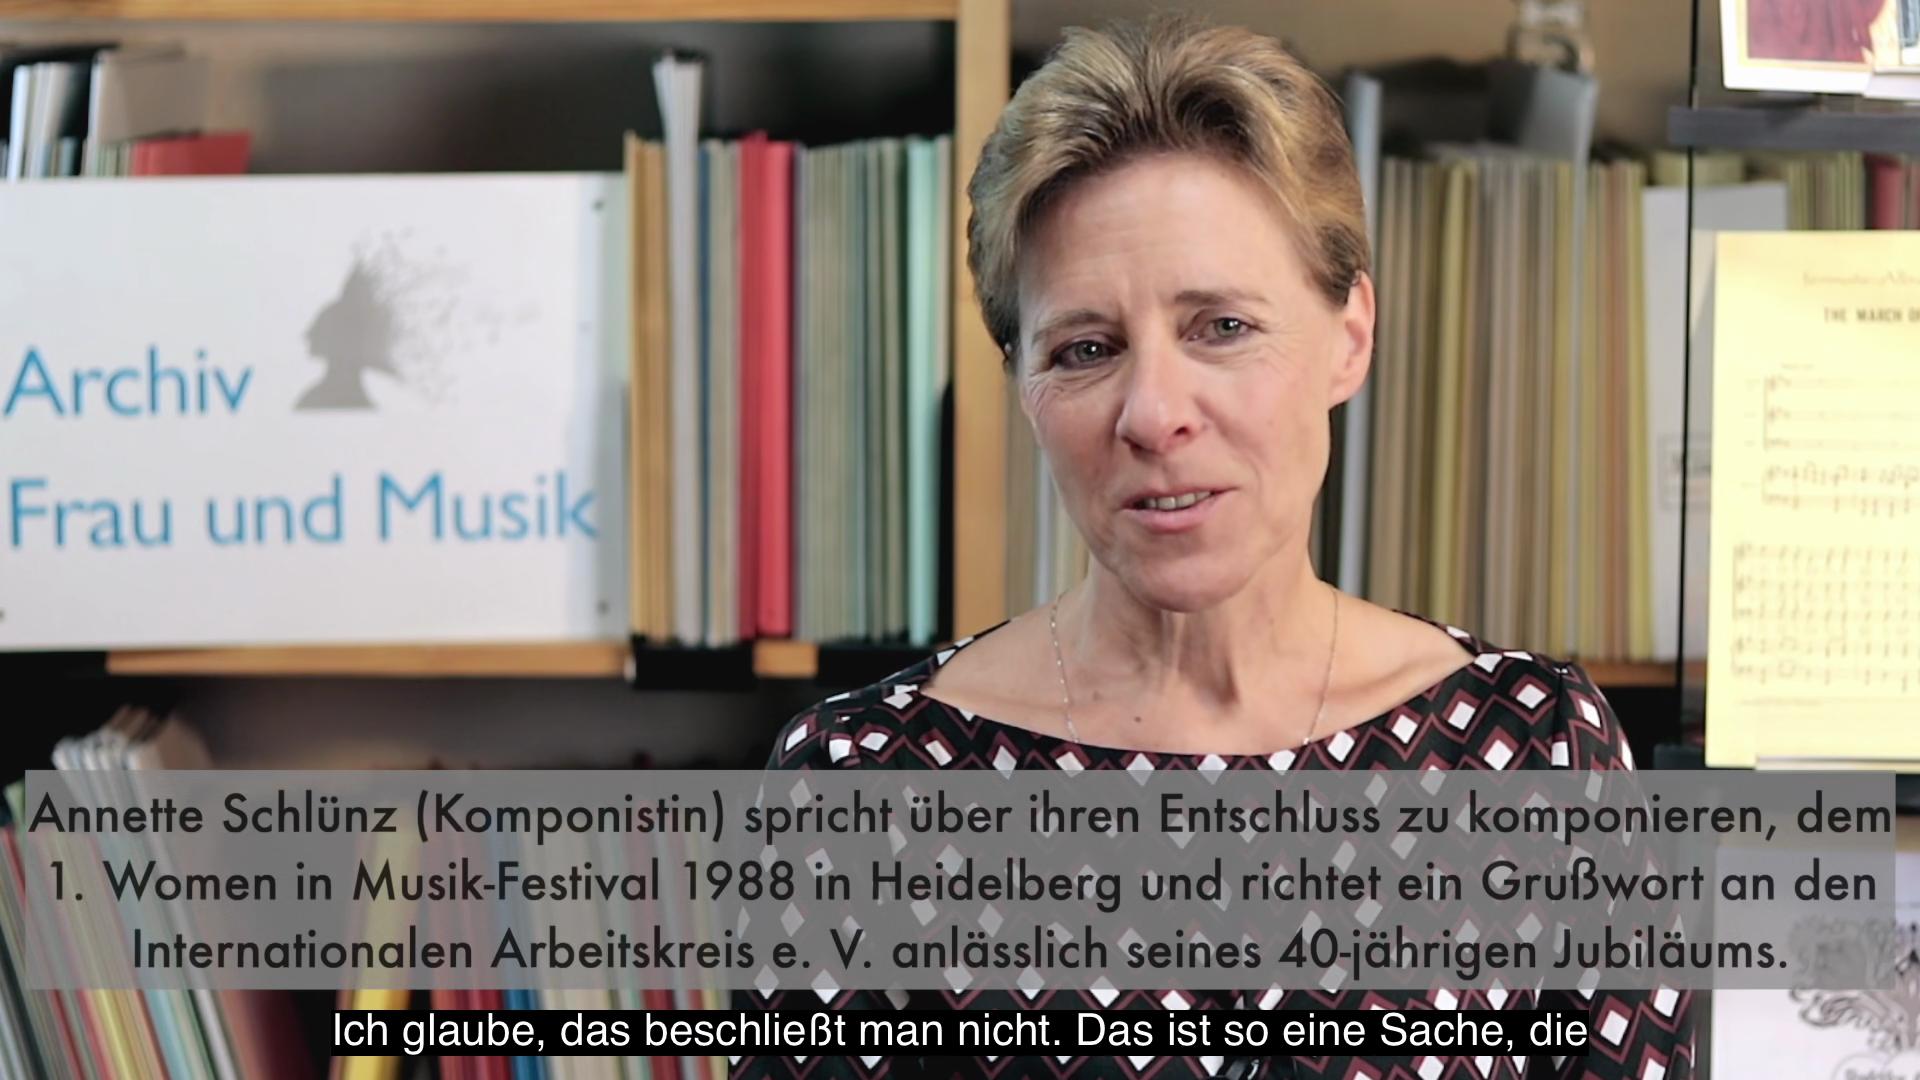 Video - Interview : Annette Schlünz